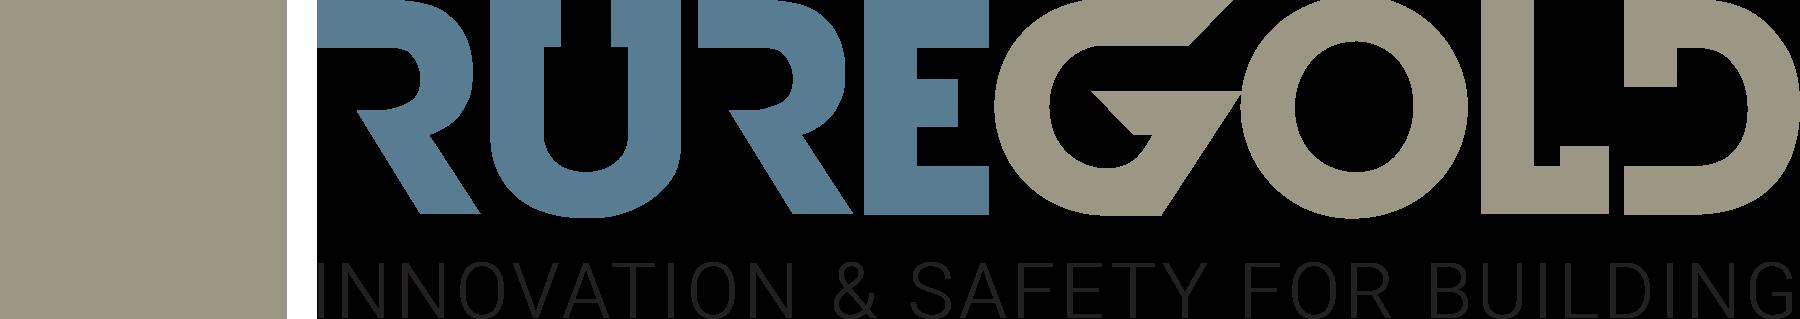 sistemi per il rinforzo delle strutture in calcestruzzo e muratura con materiali compositi d'eccellenza, in particolare la gamma FRCM che, per prima al mondo, ha ottenuto la certificazione di validazione a livello internazionale, in particolare la gamma FRCM che, per prima al mondo, ha ottenuto la certificazione di validazione a livello internazionale.